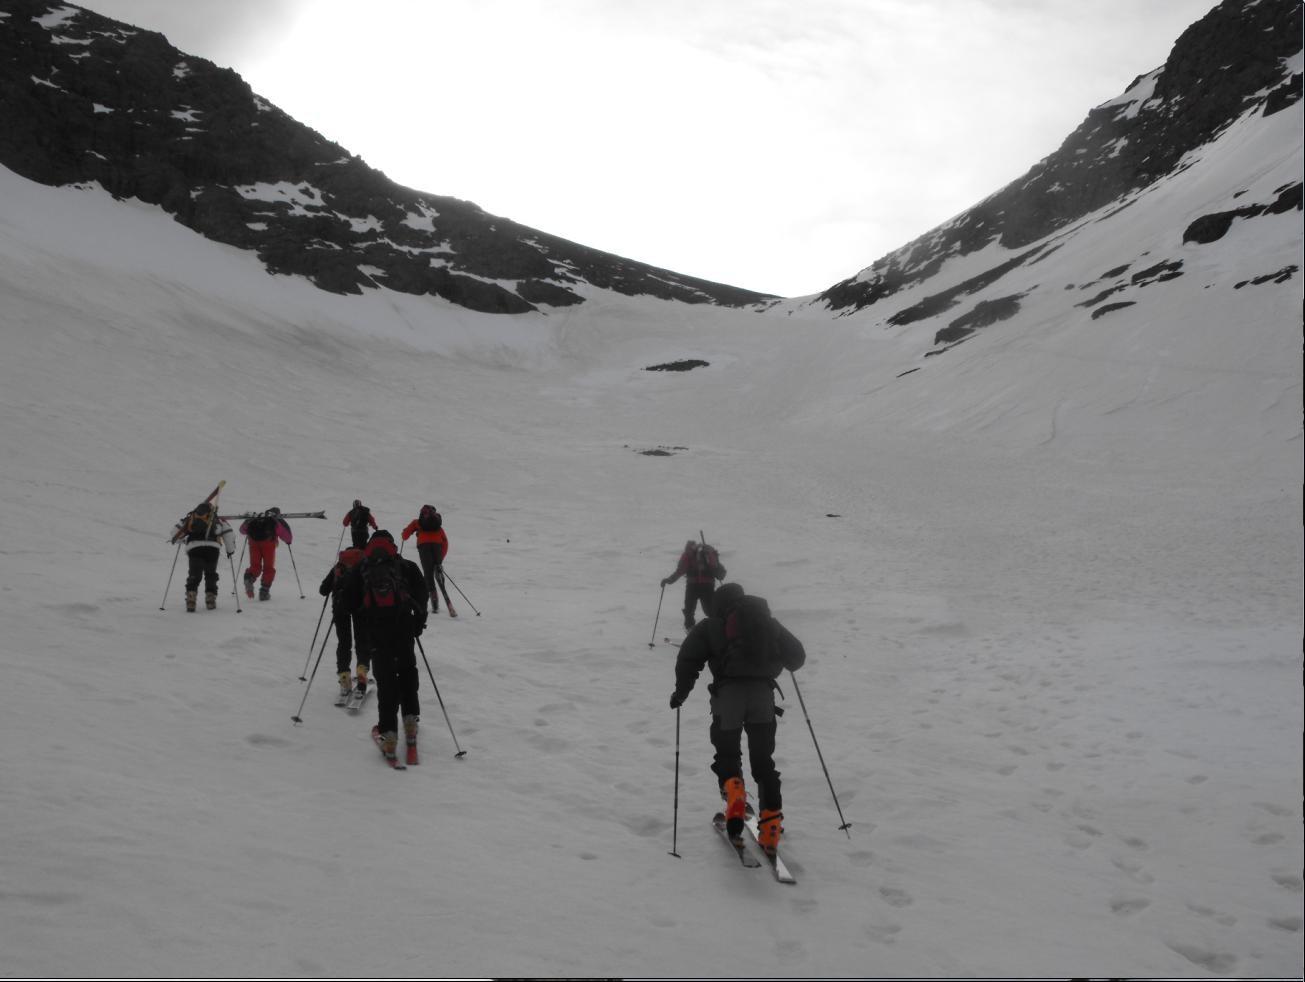 Départ à skis après le 1er ressaut au-dessus du refuge